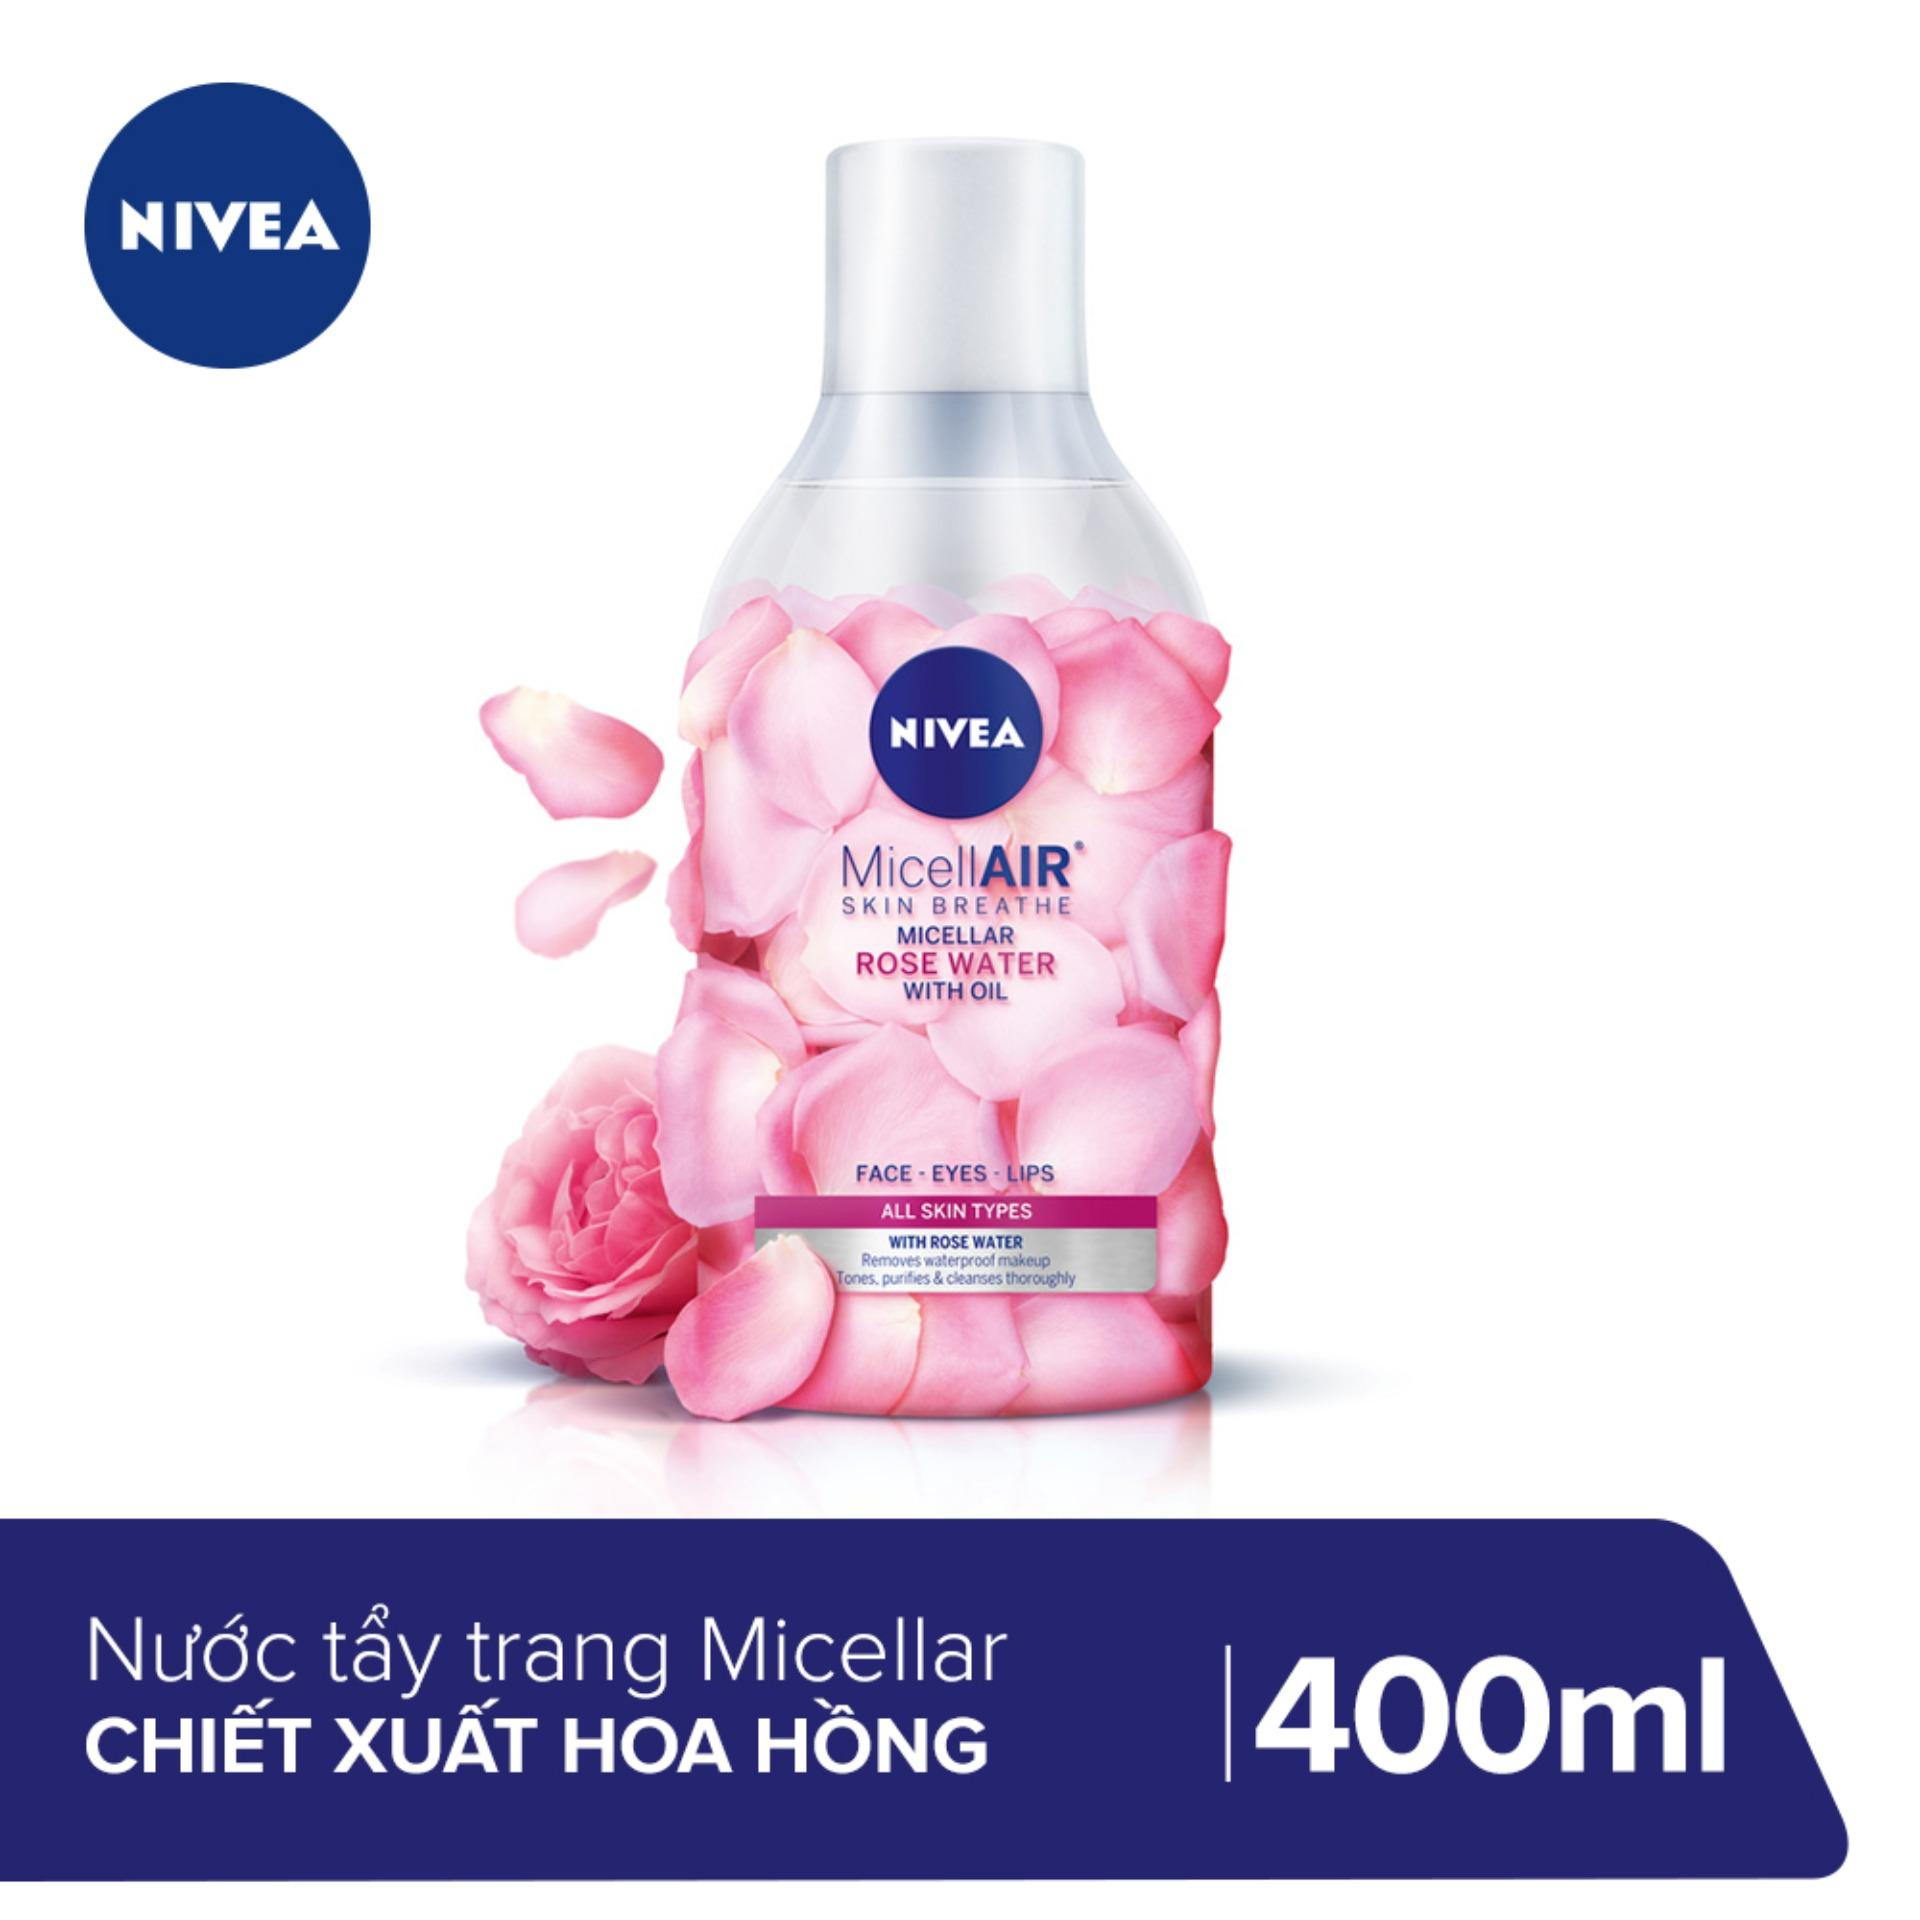 Nước tẩy trang chiết xuất hoa hồng Nivea Micellair Skin Breathe 400ml_82366 tốt nhất